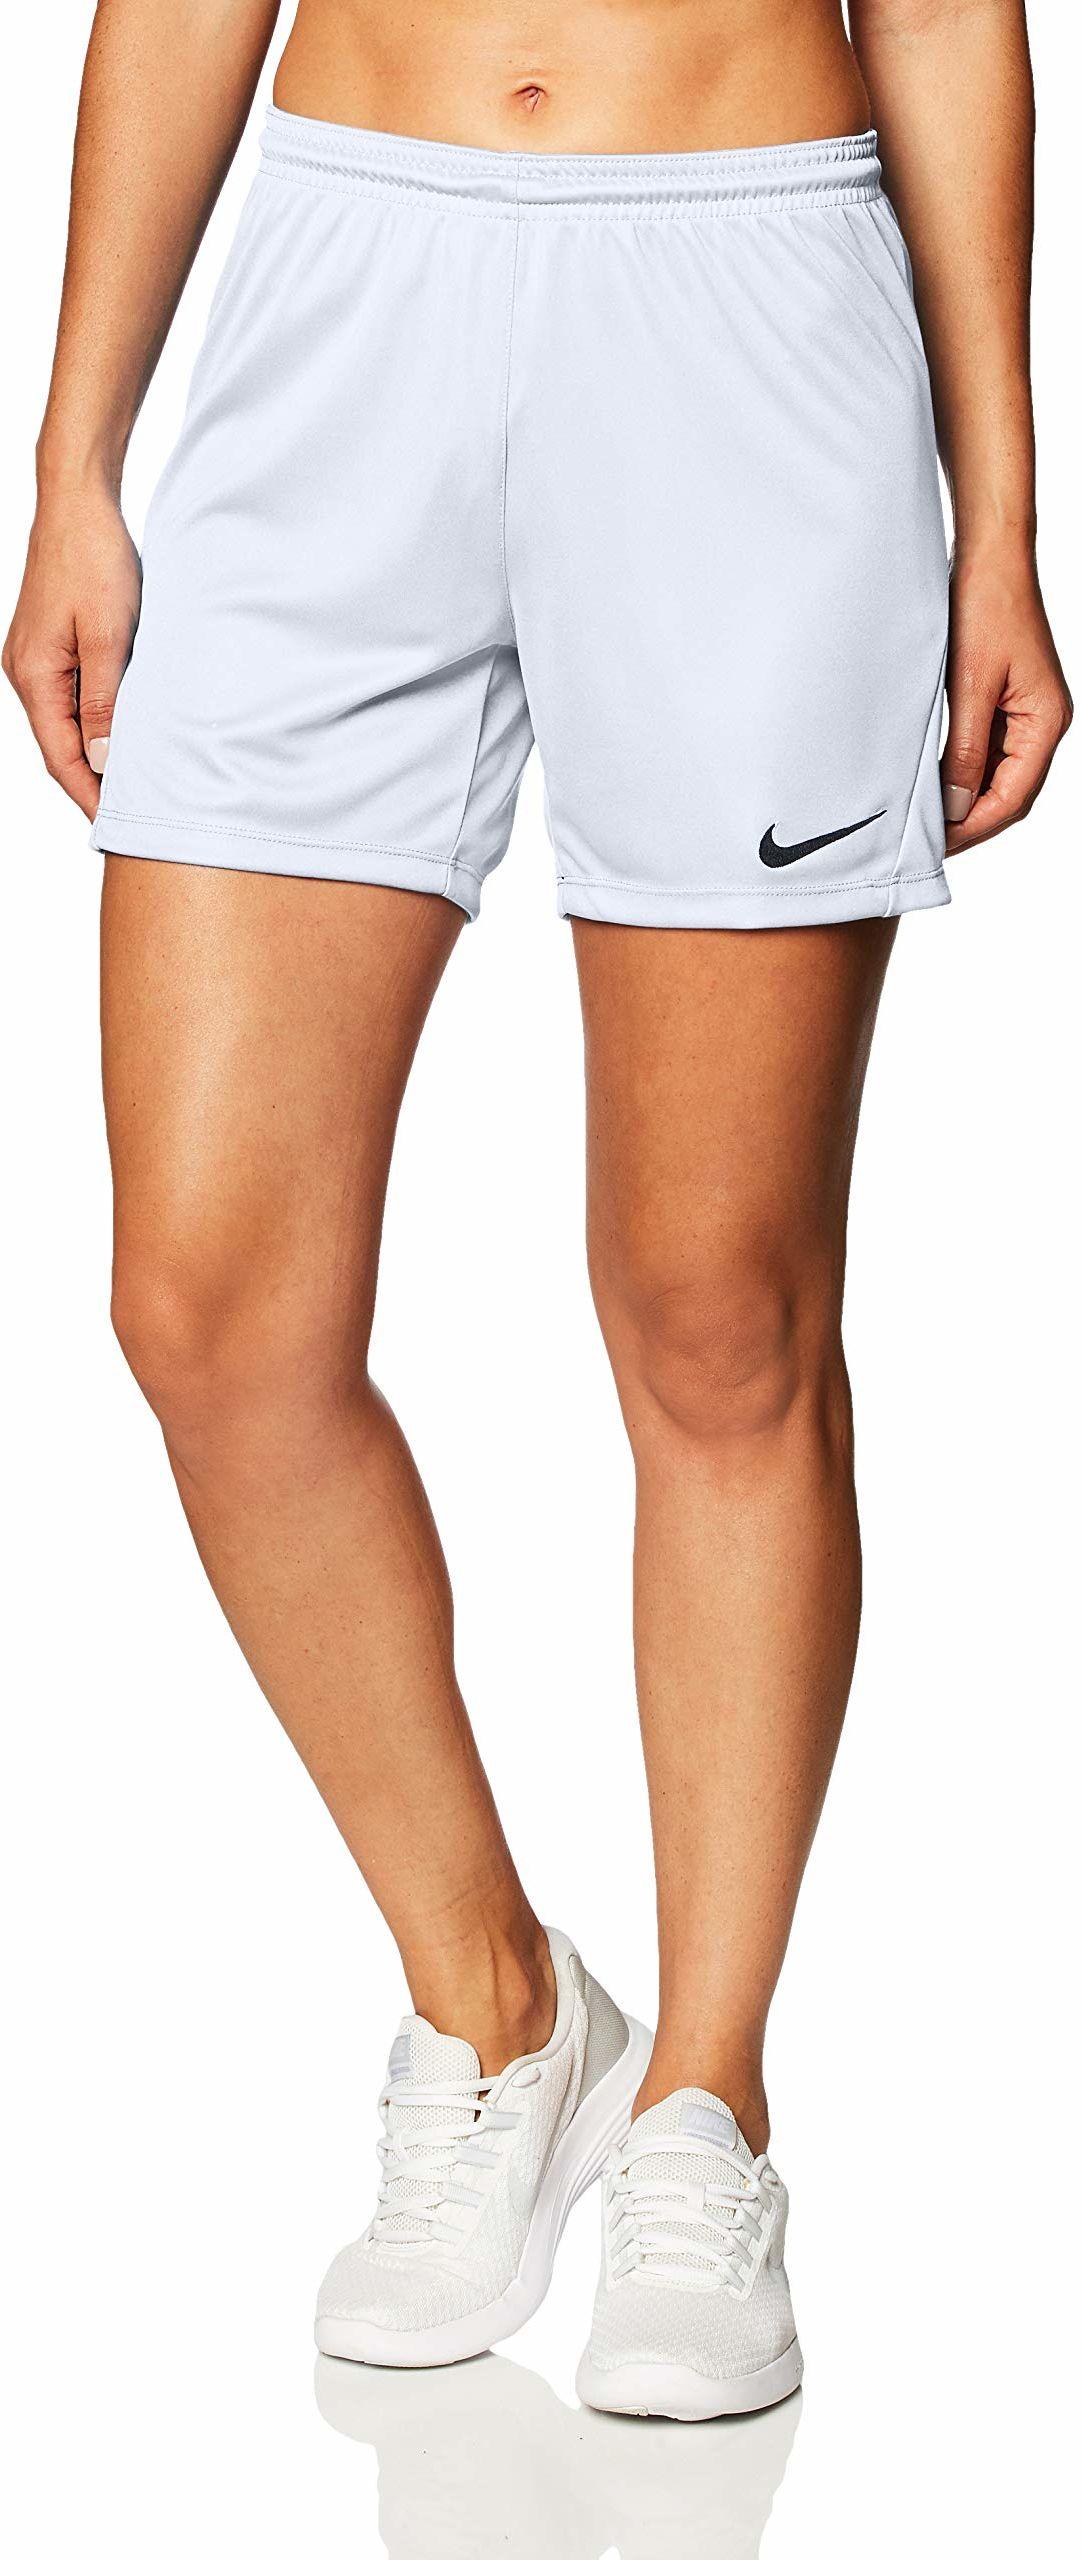 Nike damskie szorty Park Iii Nb biały biały/czarny M